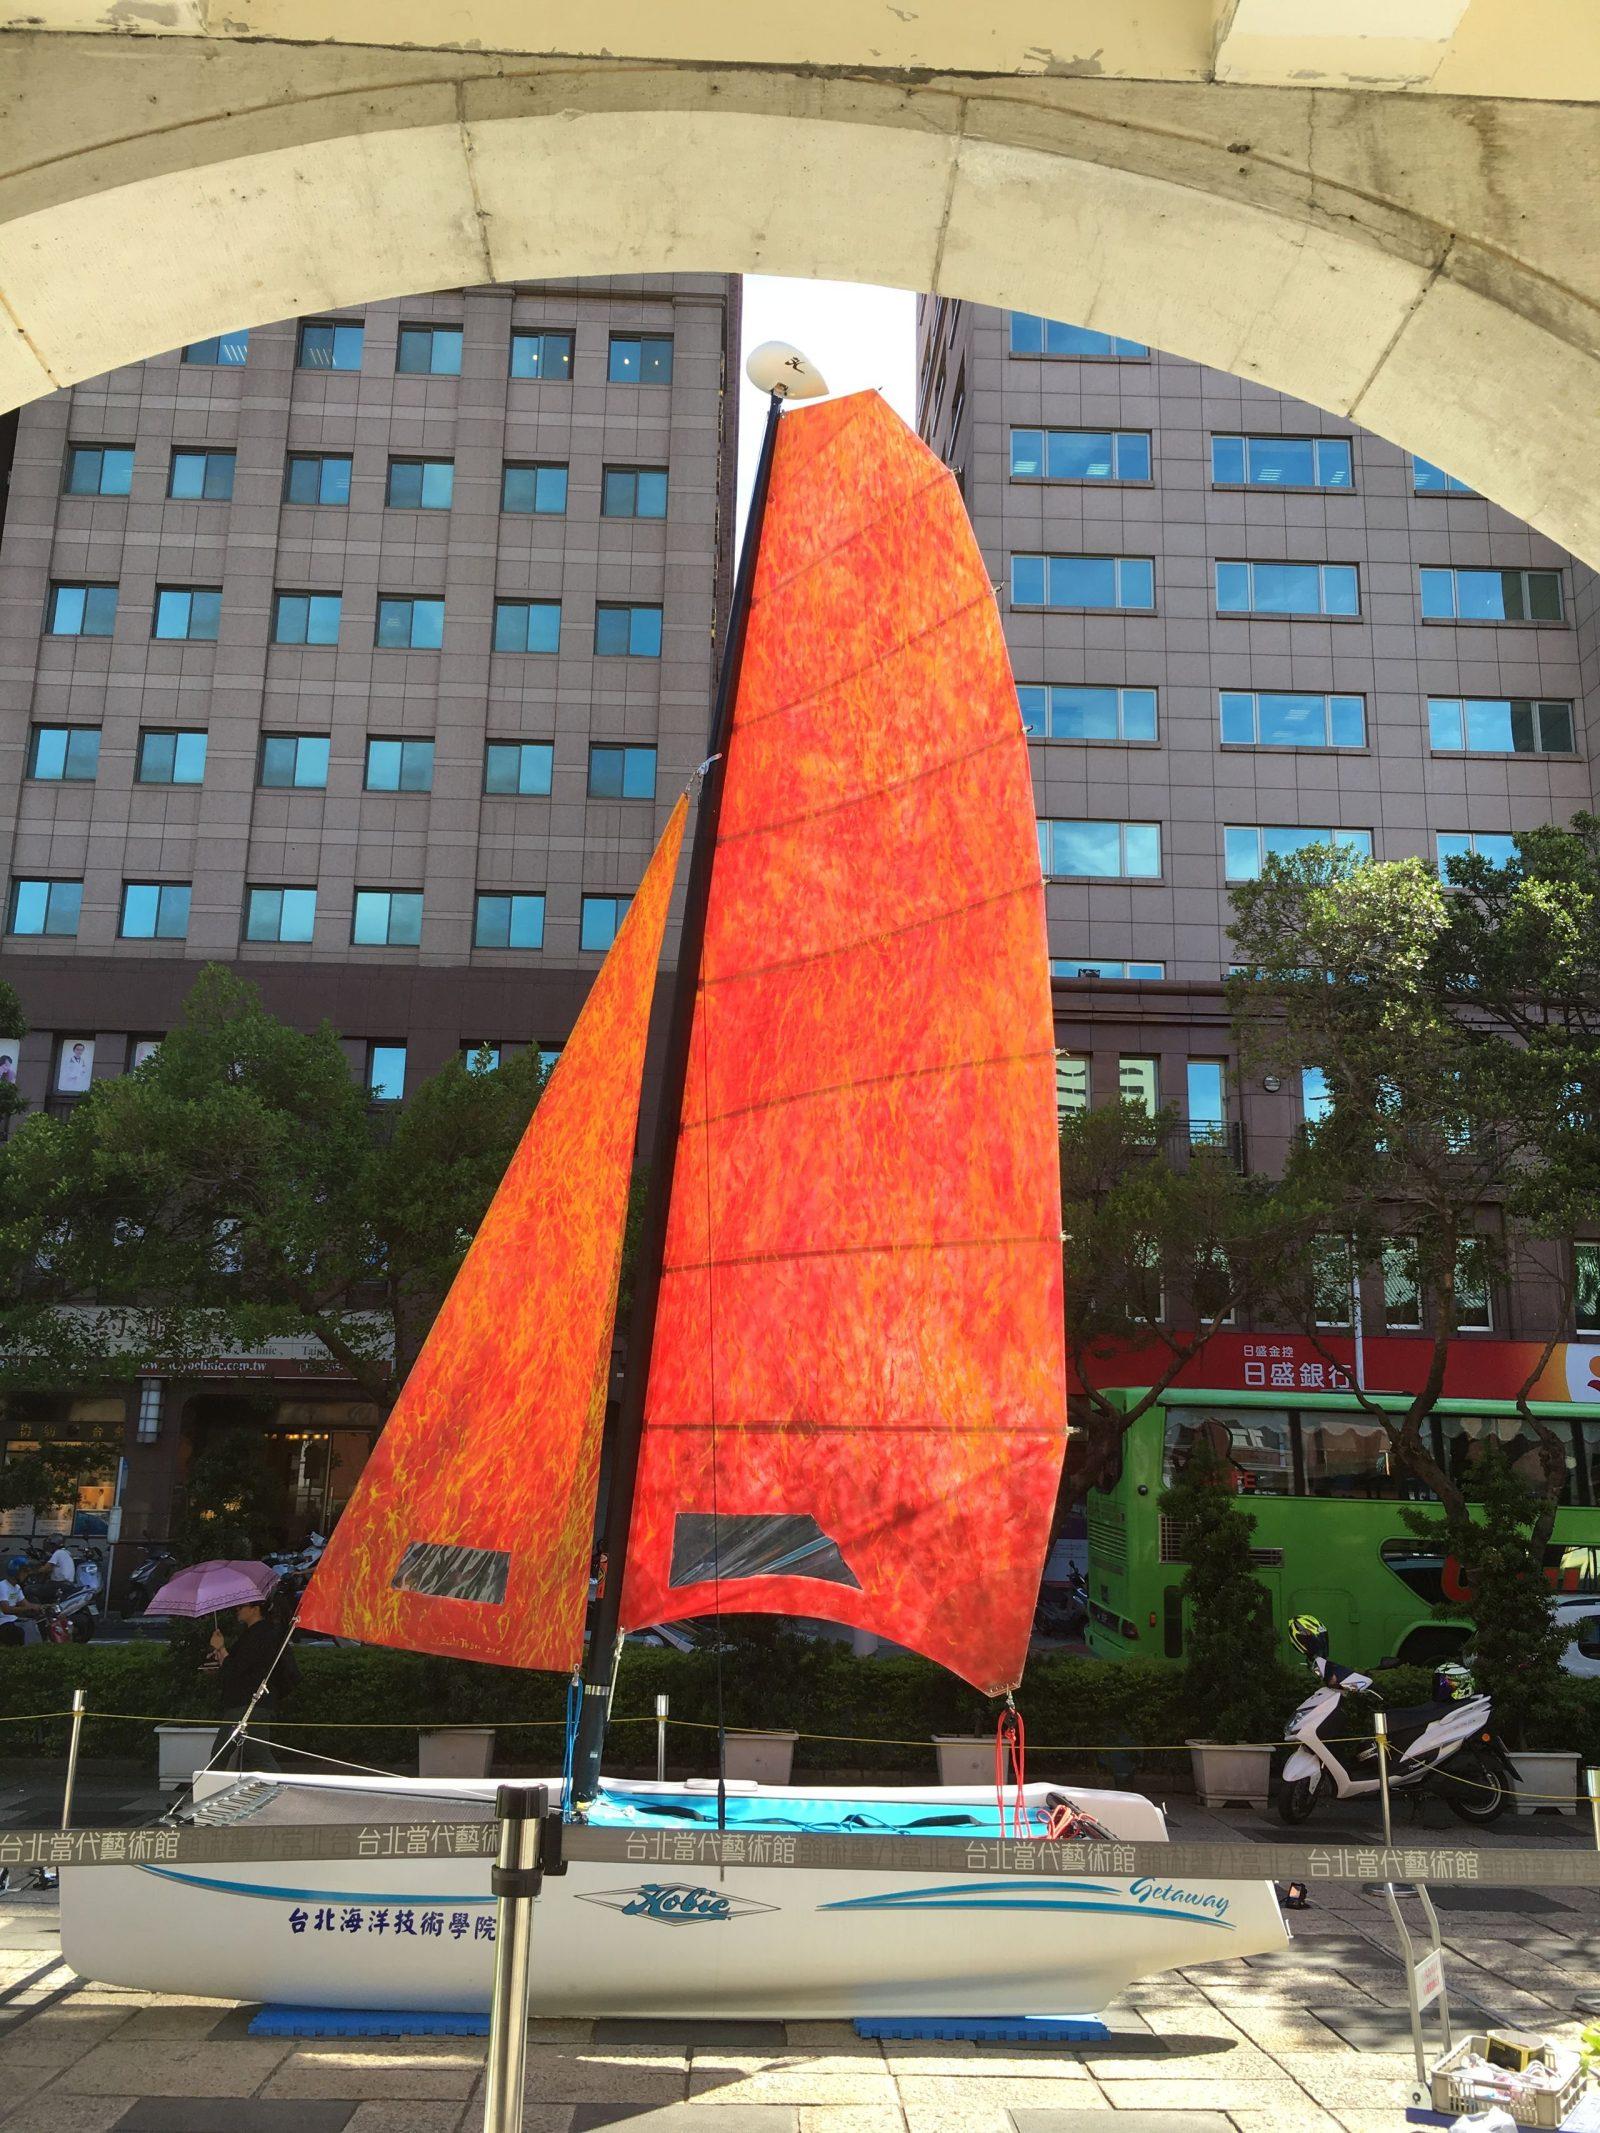 火帆 Fire sail-Hobie Getaway, 504 x 234 x 762, 2016